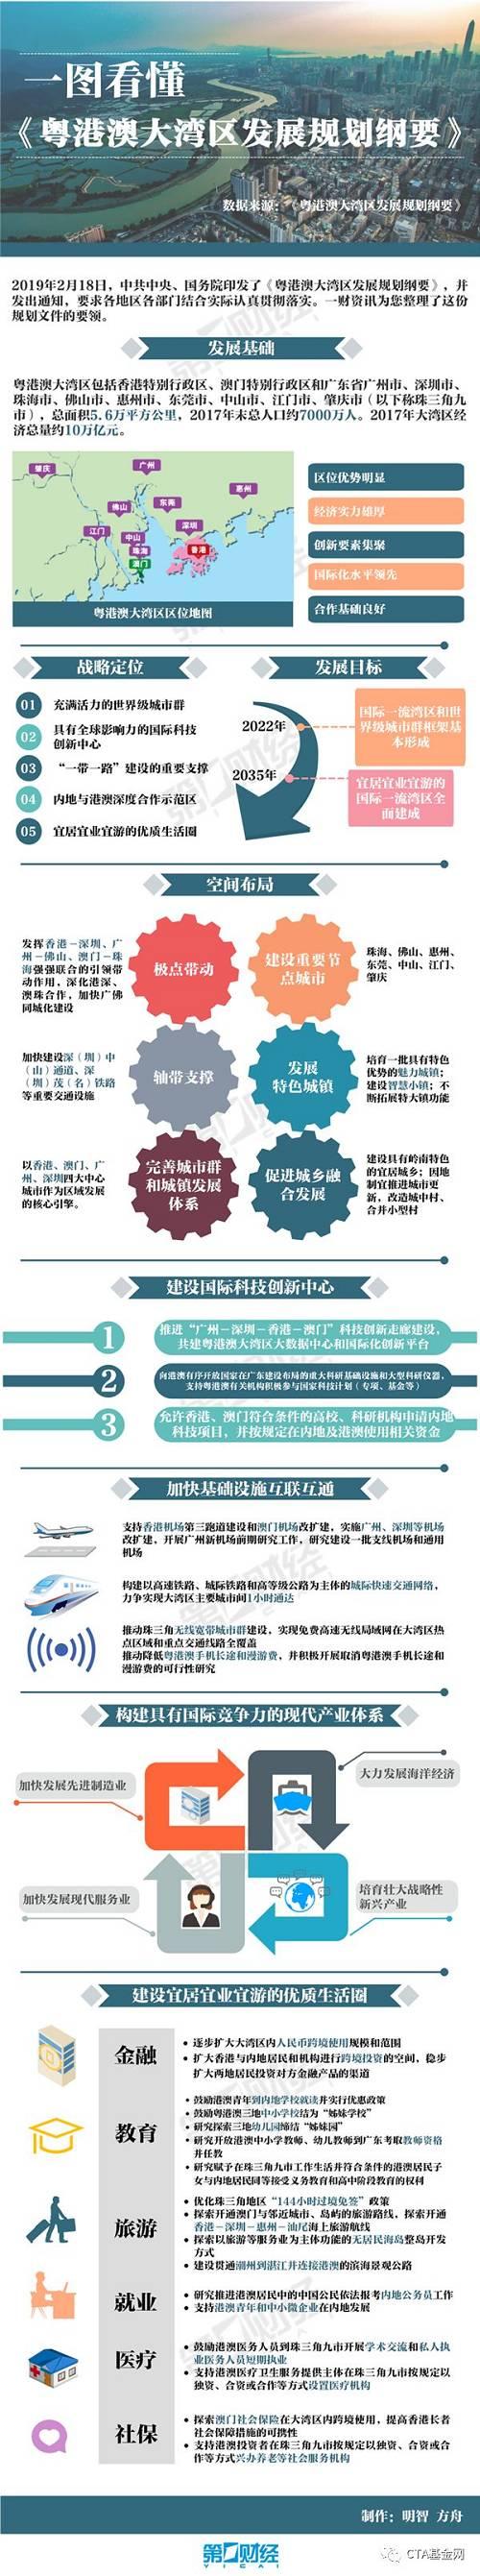 广州研究设立期货交易所 碳排放为首个品种